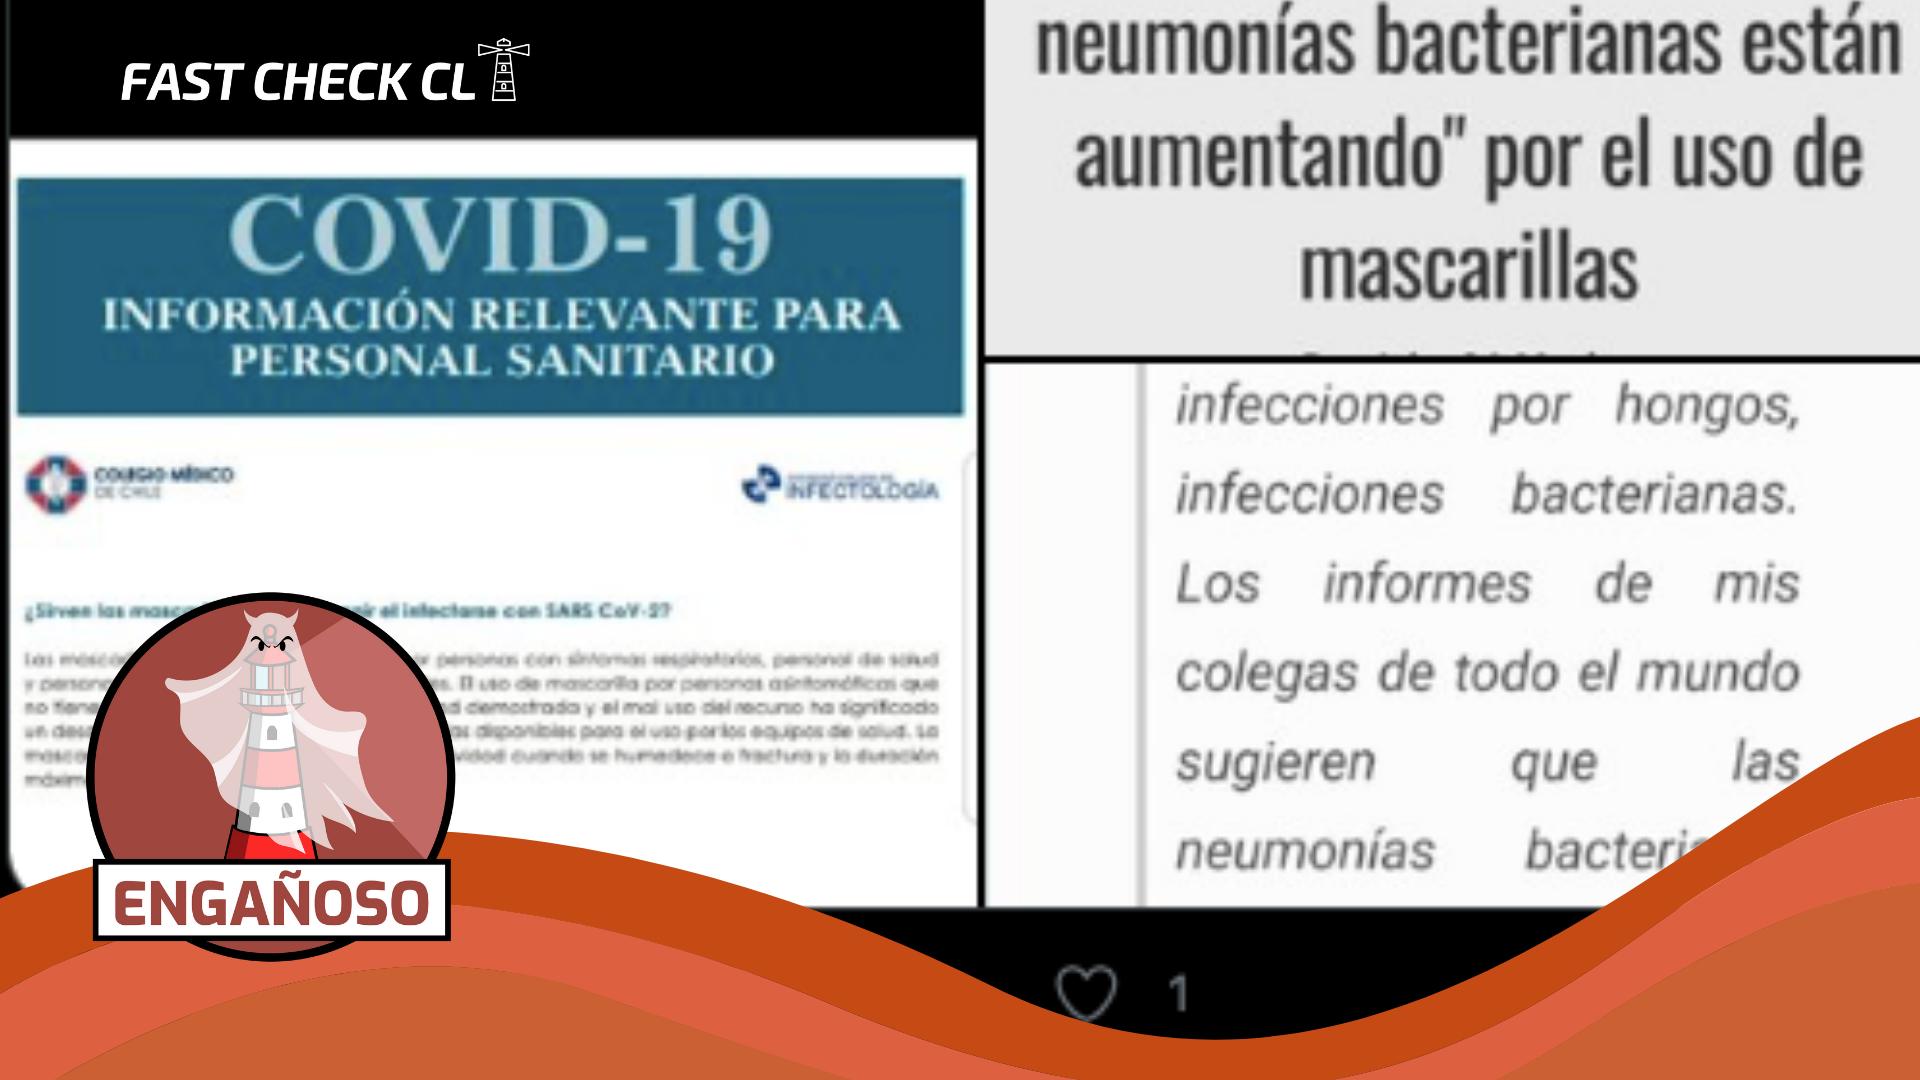 (Imagen) Colegio Médico recomienda que personas asintomáticas no utilicen mascarilla: #Engañoso